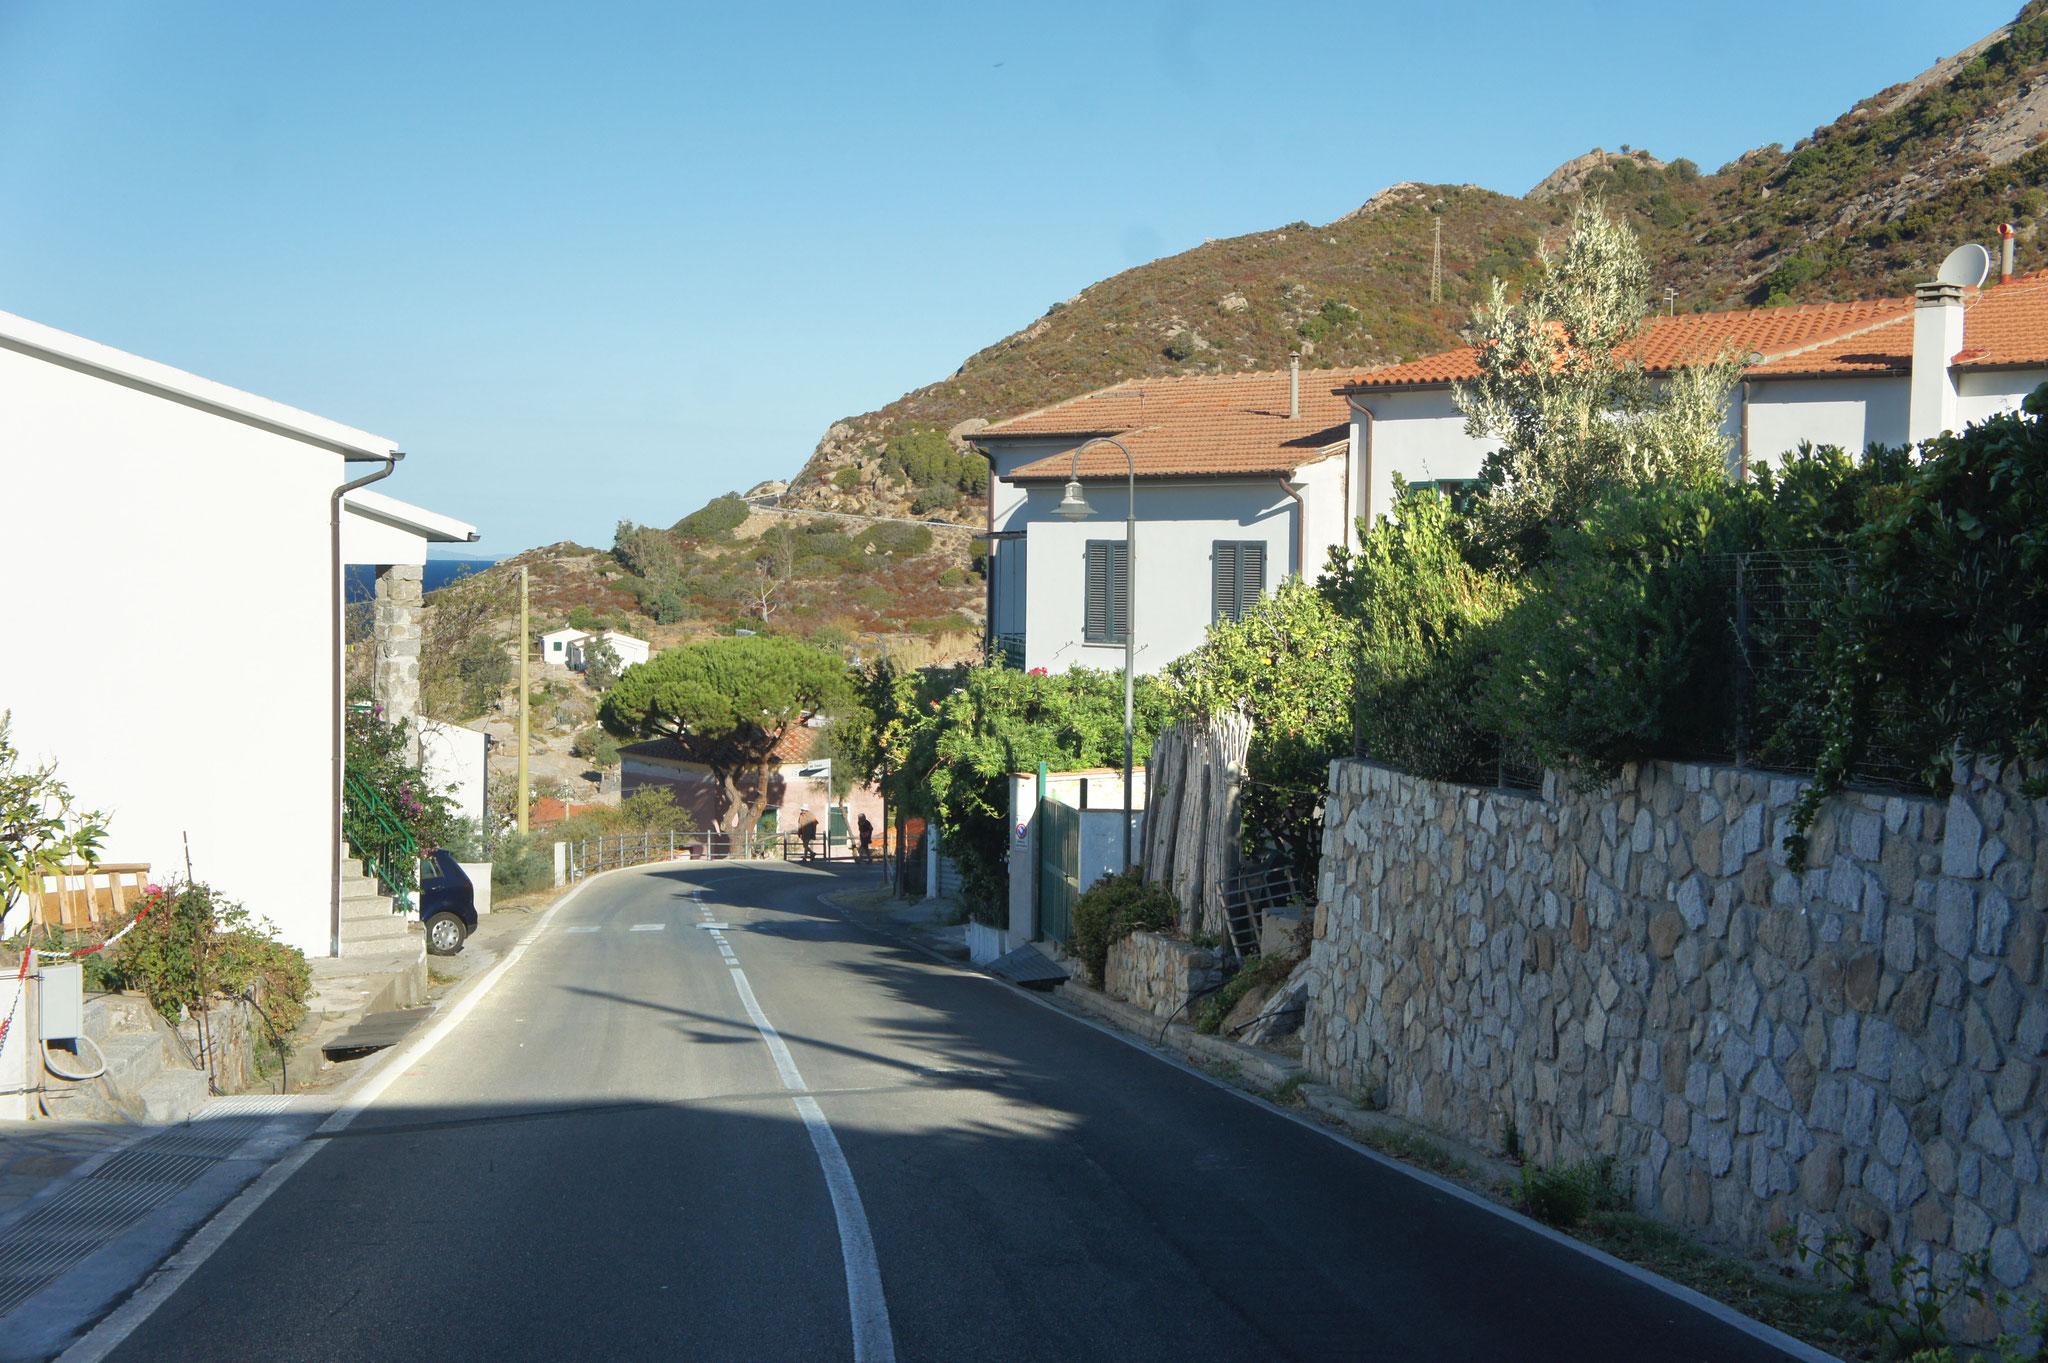 La route après Chiessi village